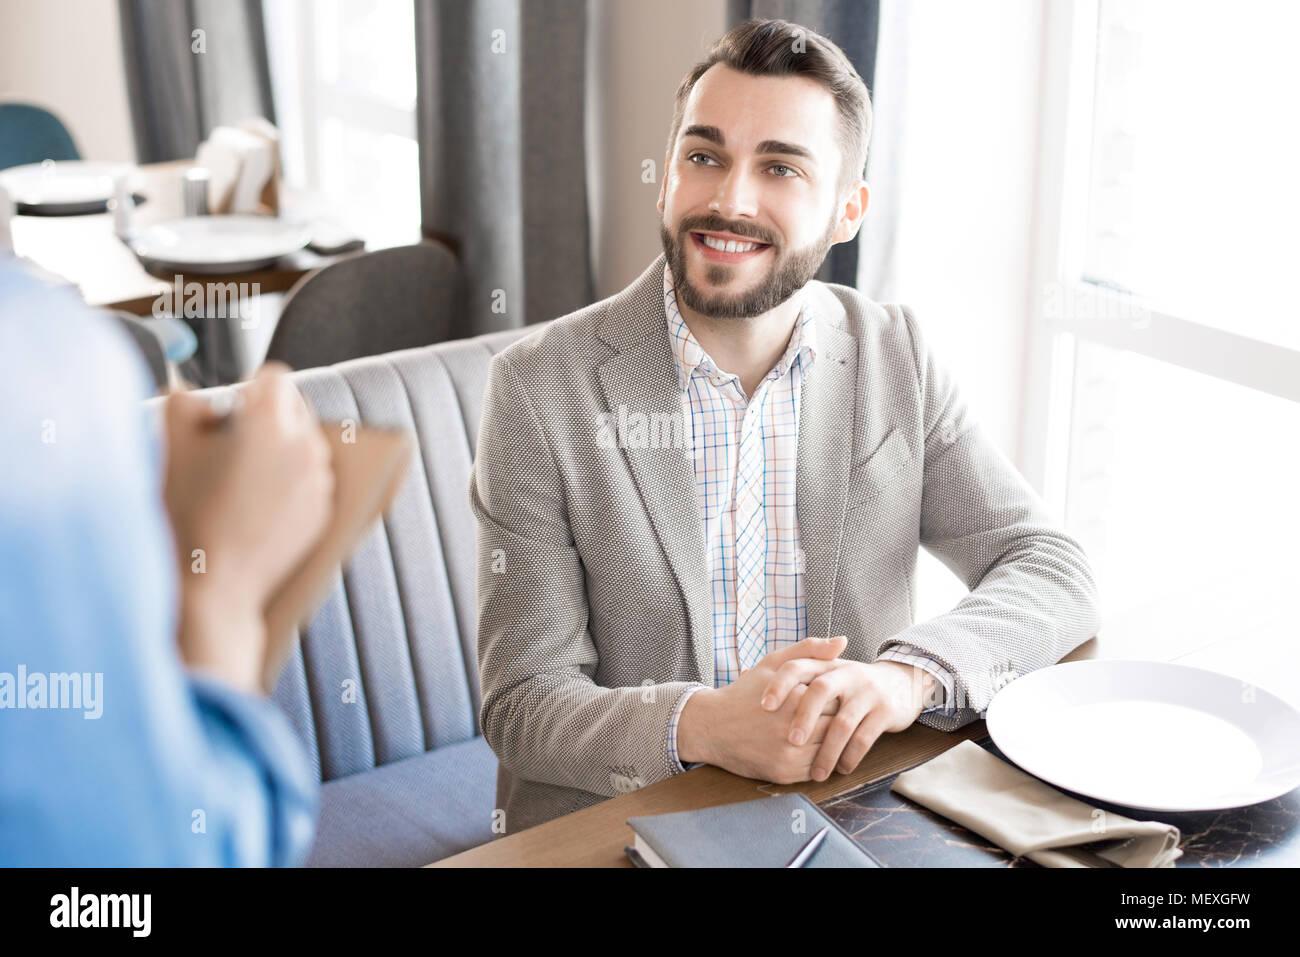 Fröhliche Geschäftsmann, Bestellung im Restaurant Stockbild